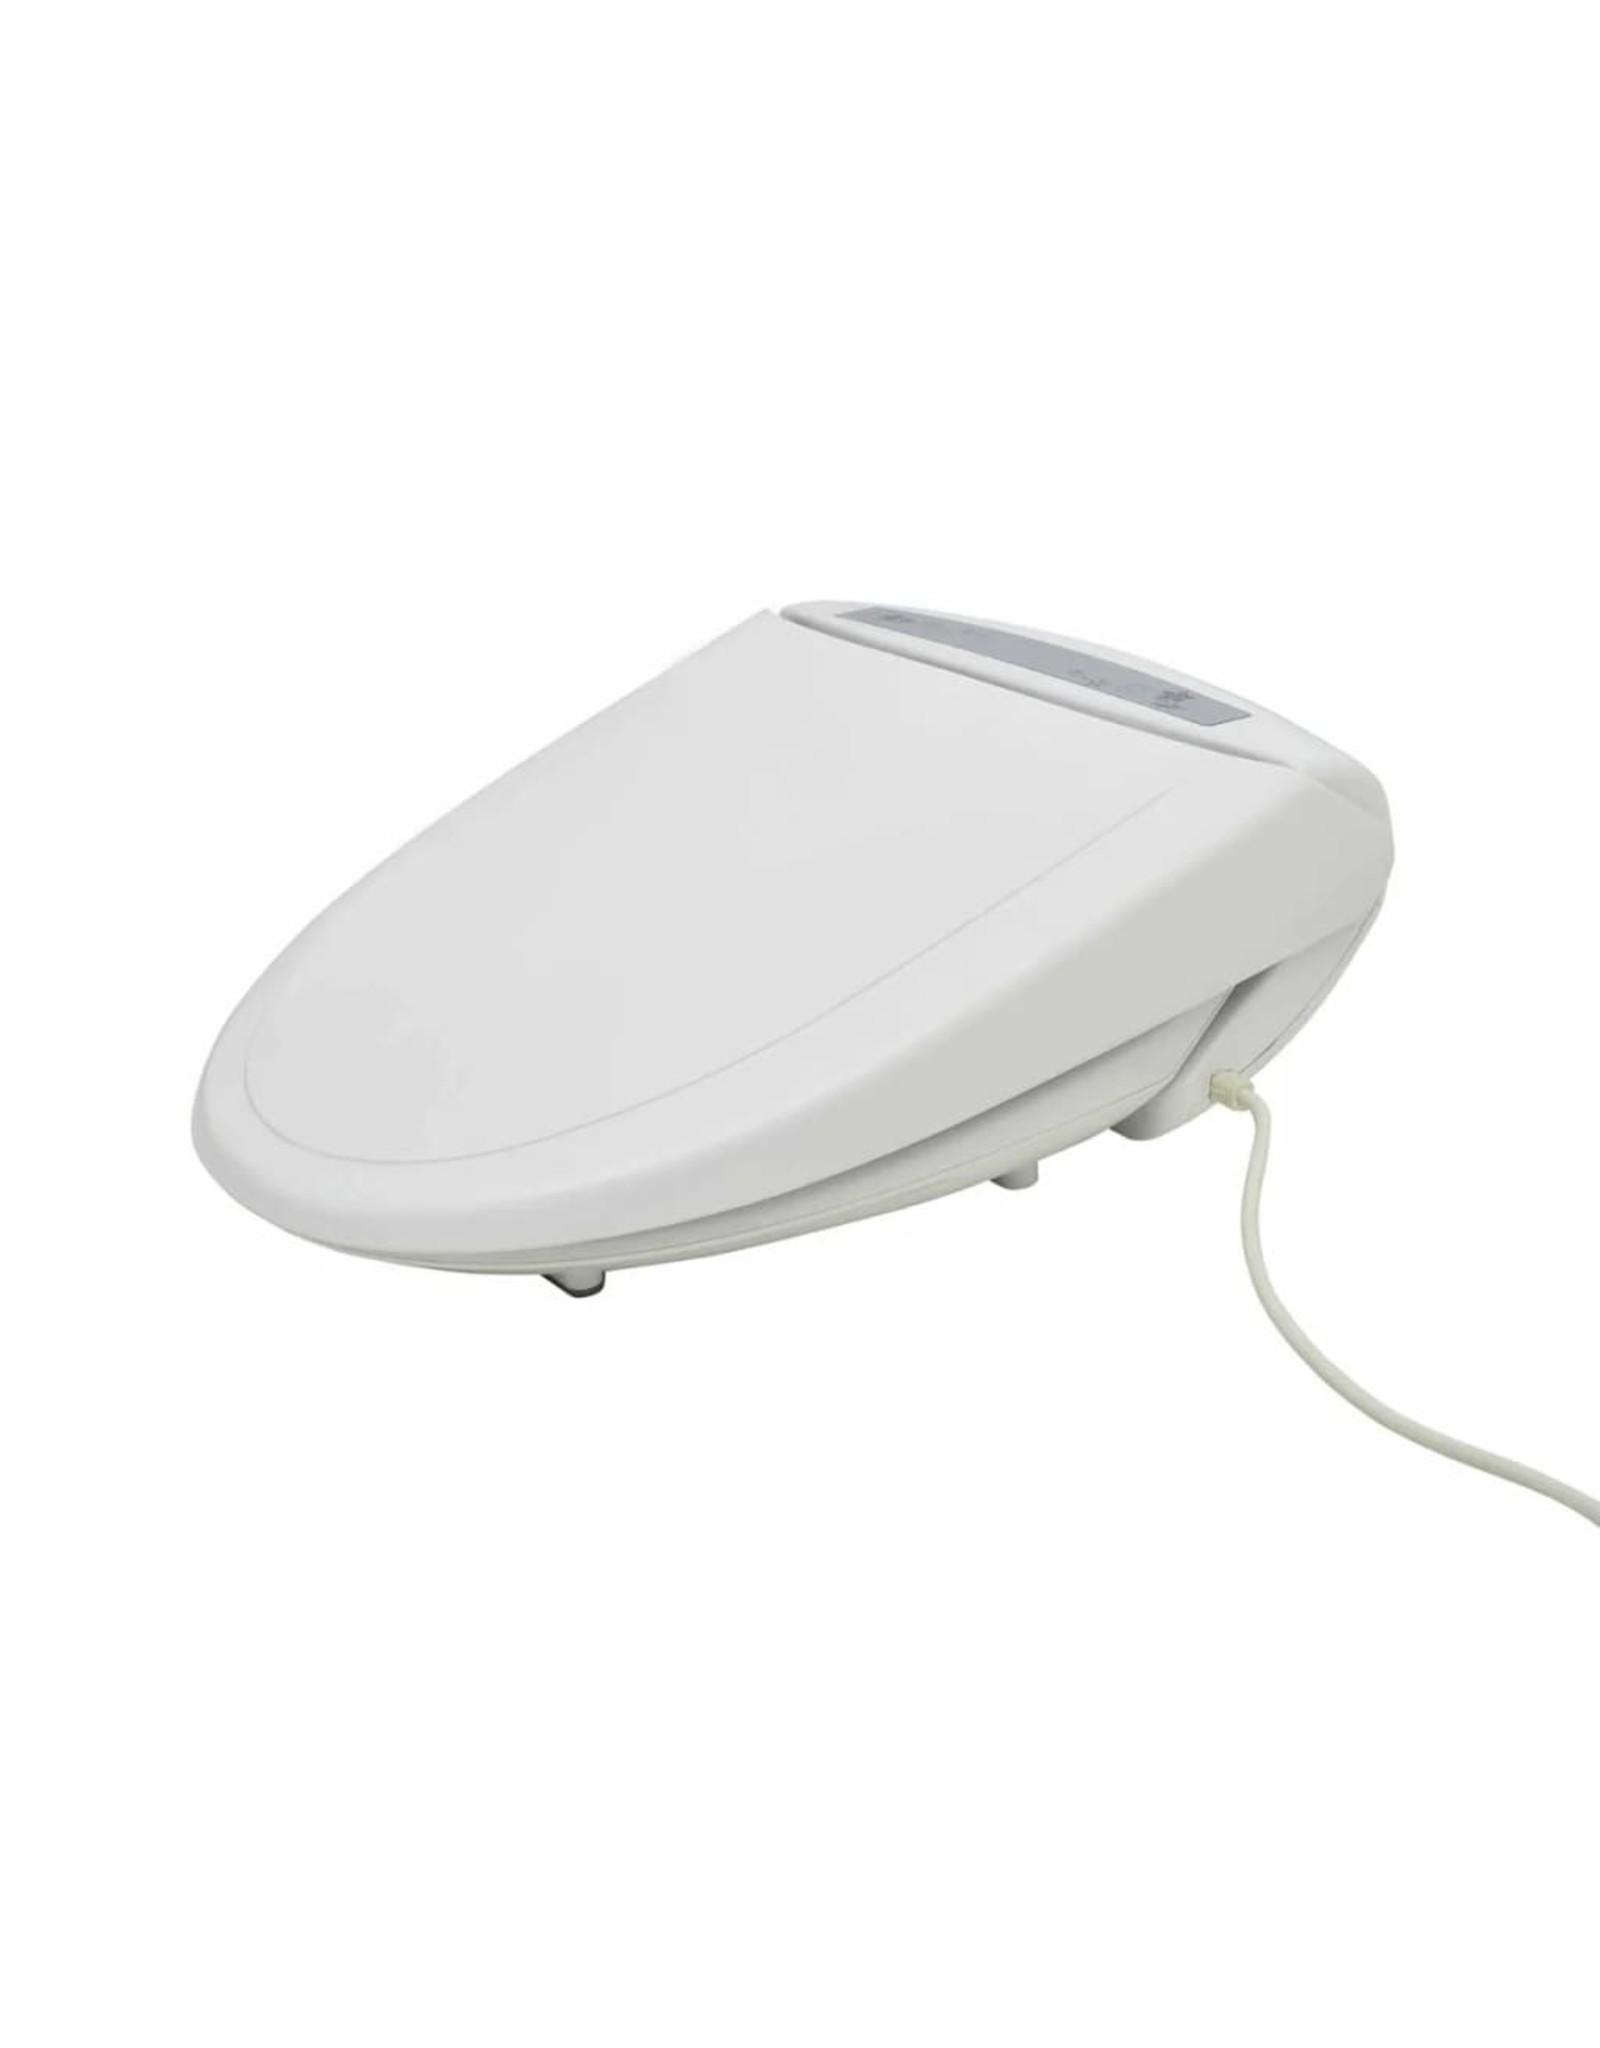 Elektronische toiletbril met bidet